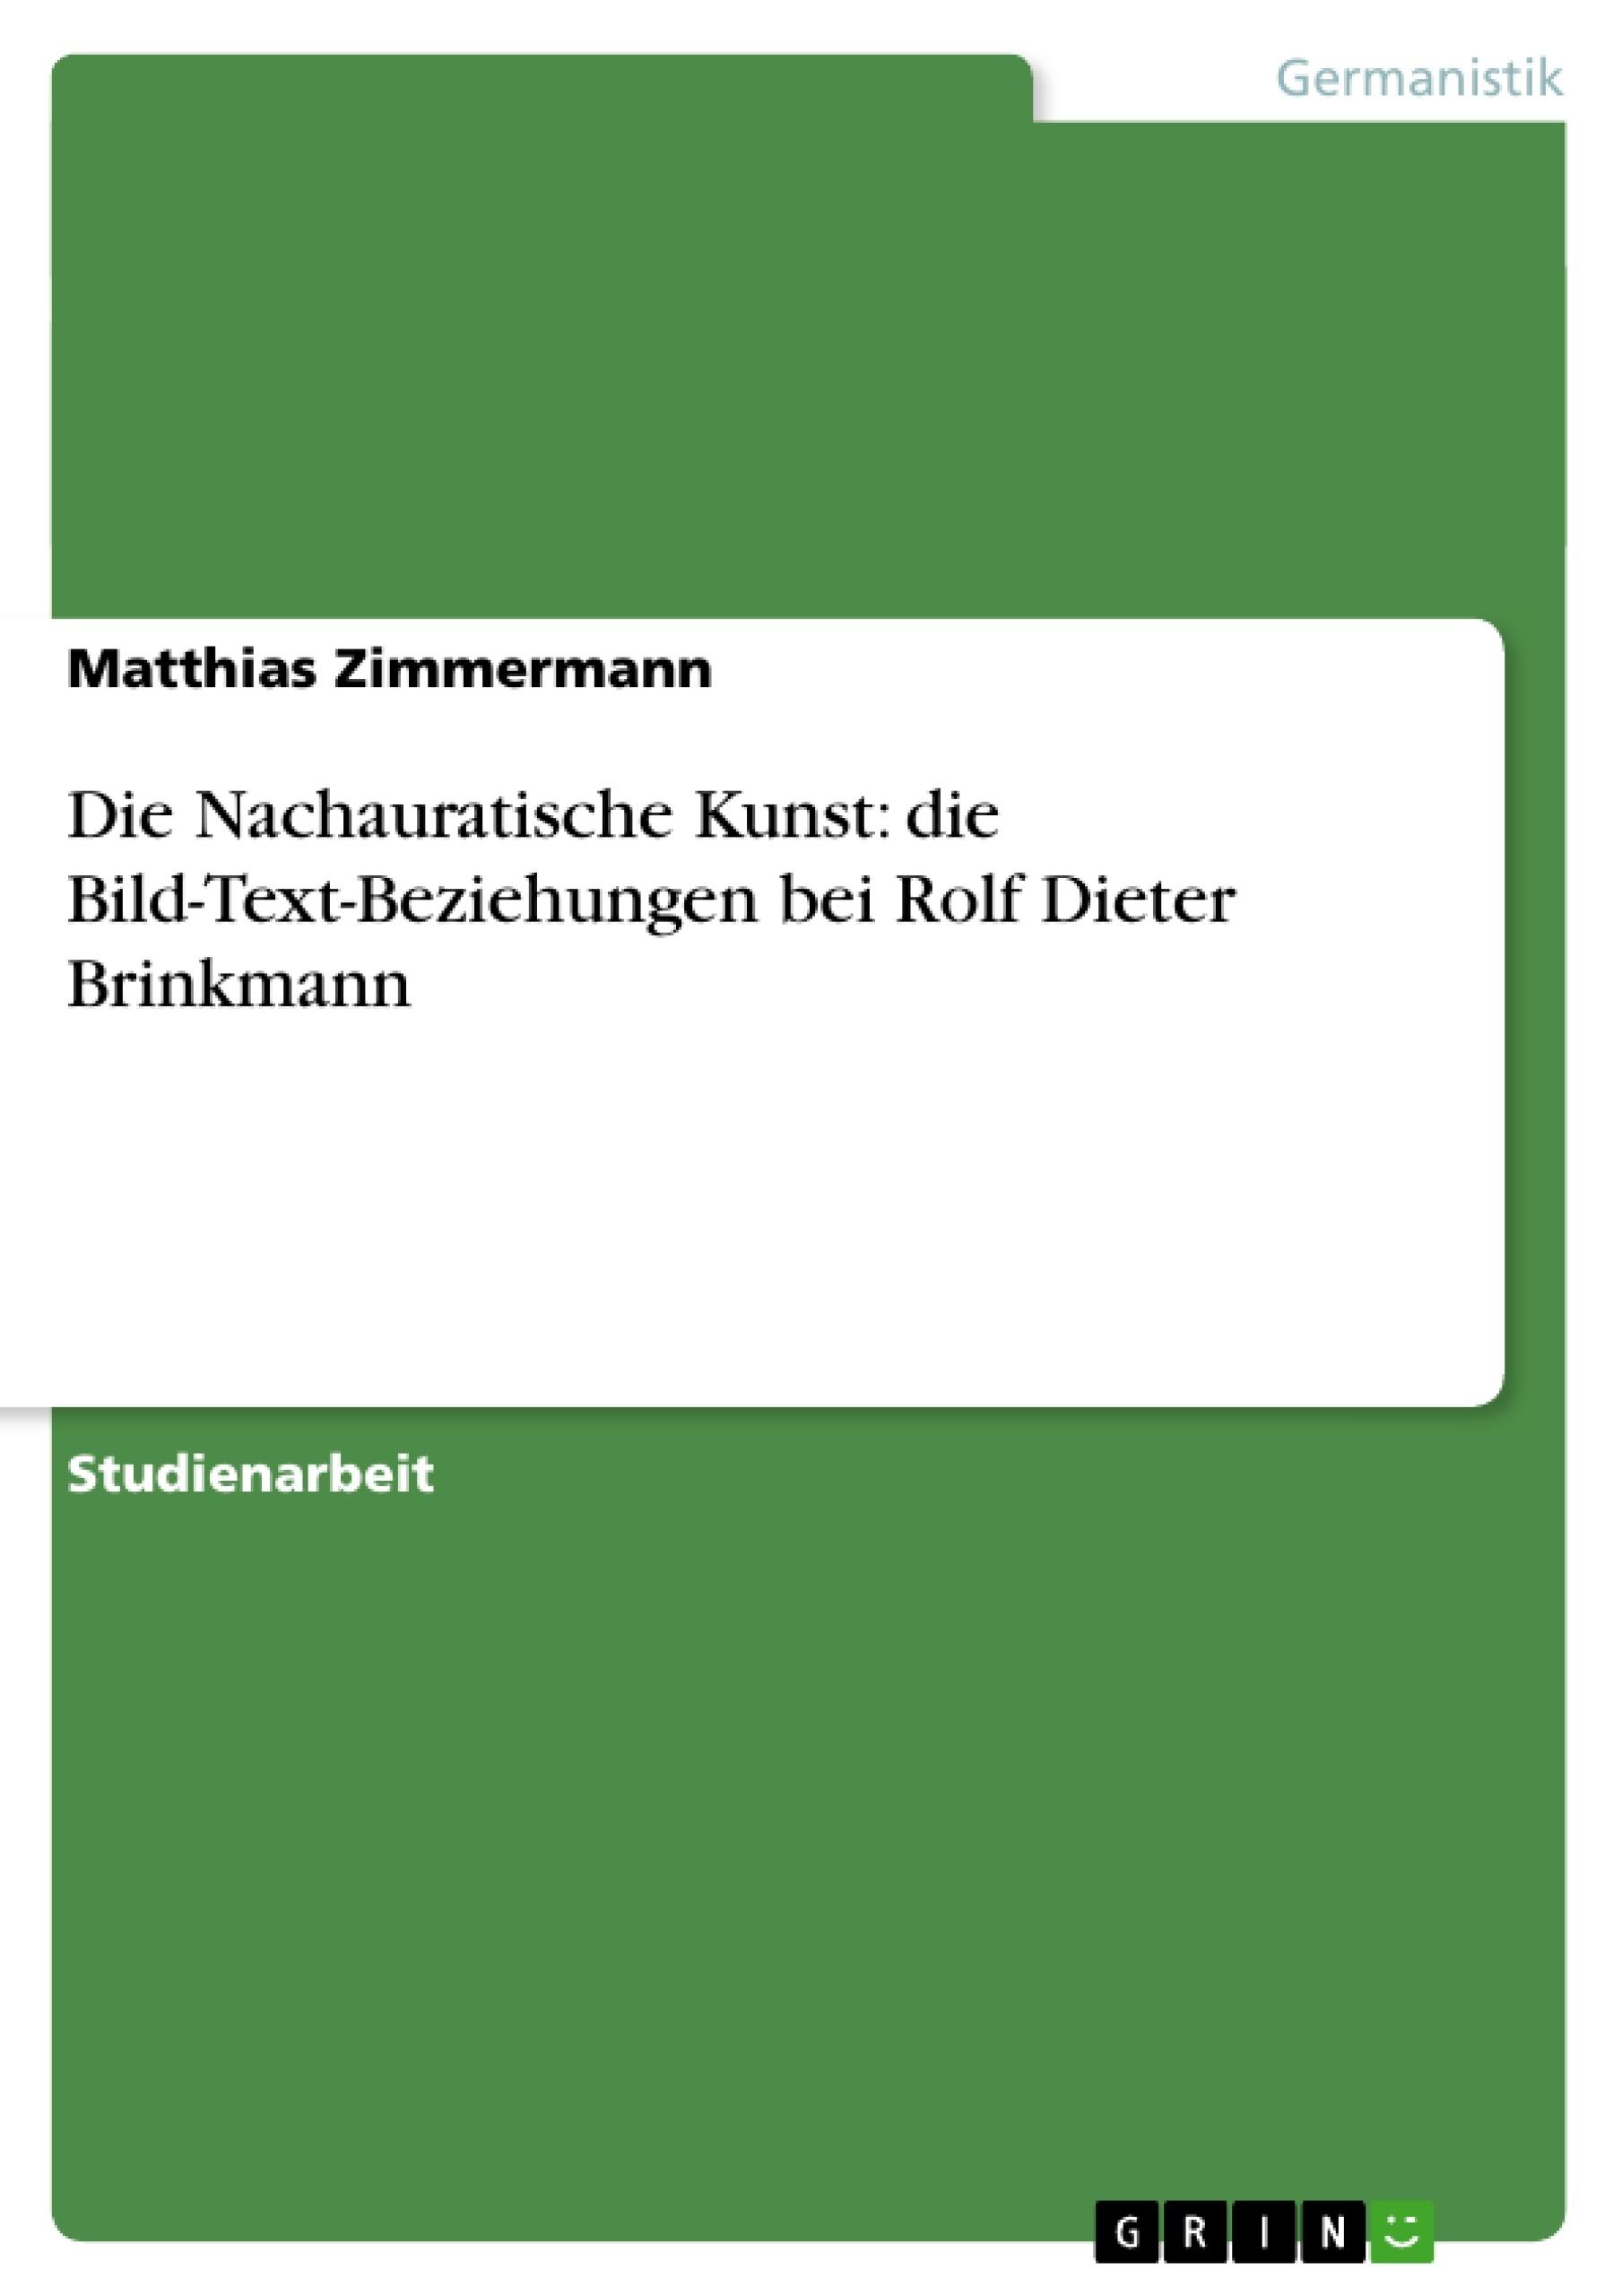 Titel: Die Nachauratische Kunst:  die Bild-Text-Beziehungen bei Rolf Dieter Brinkmann